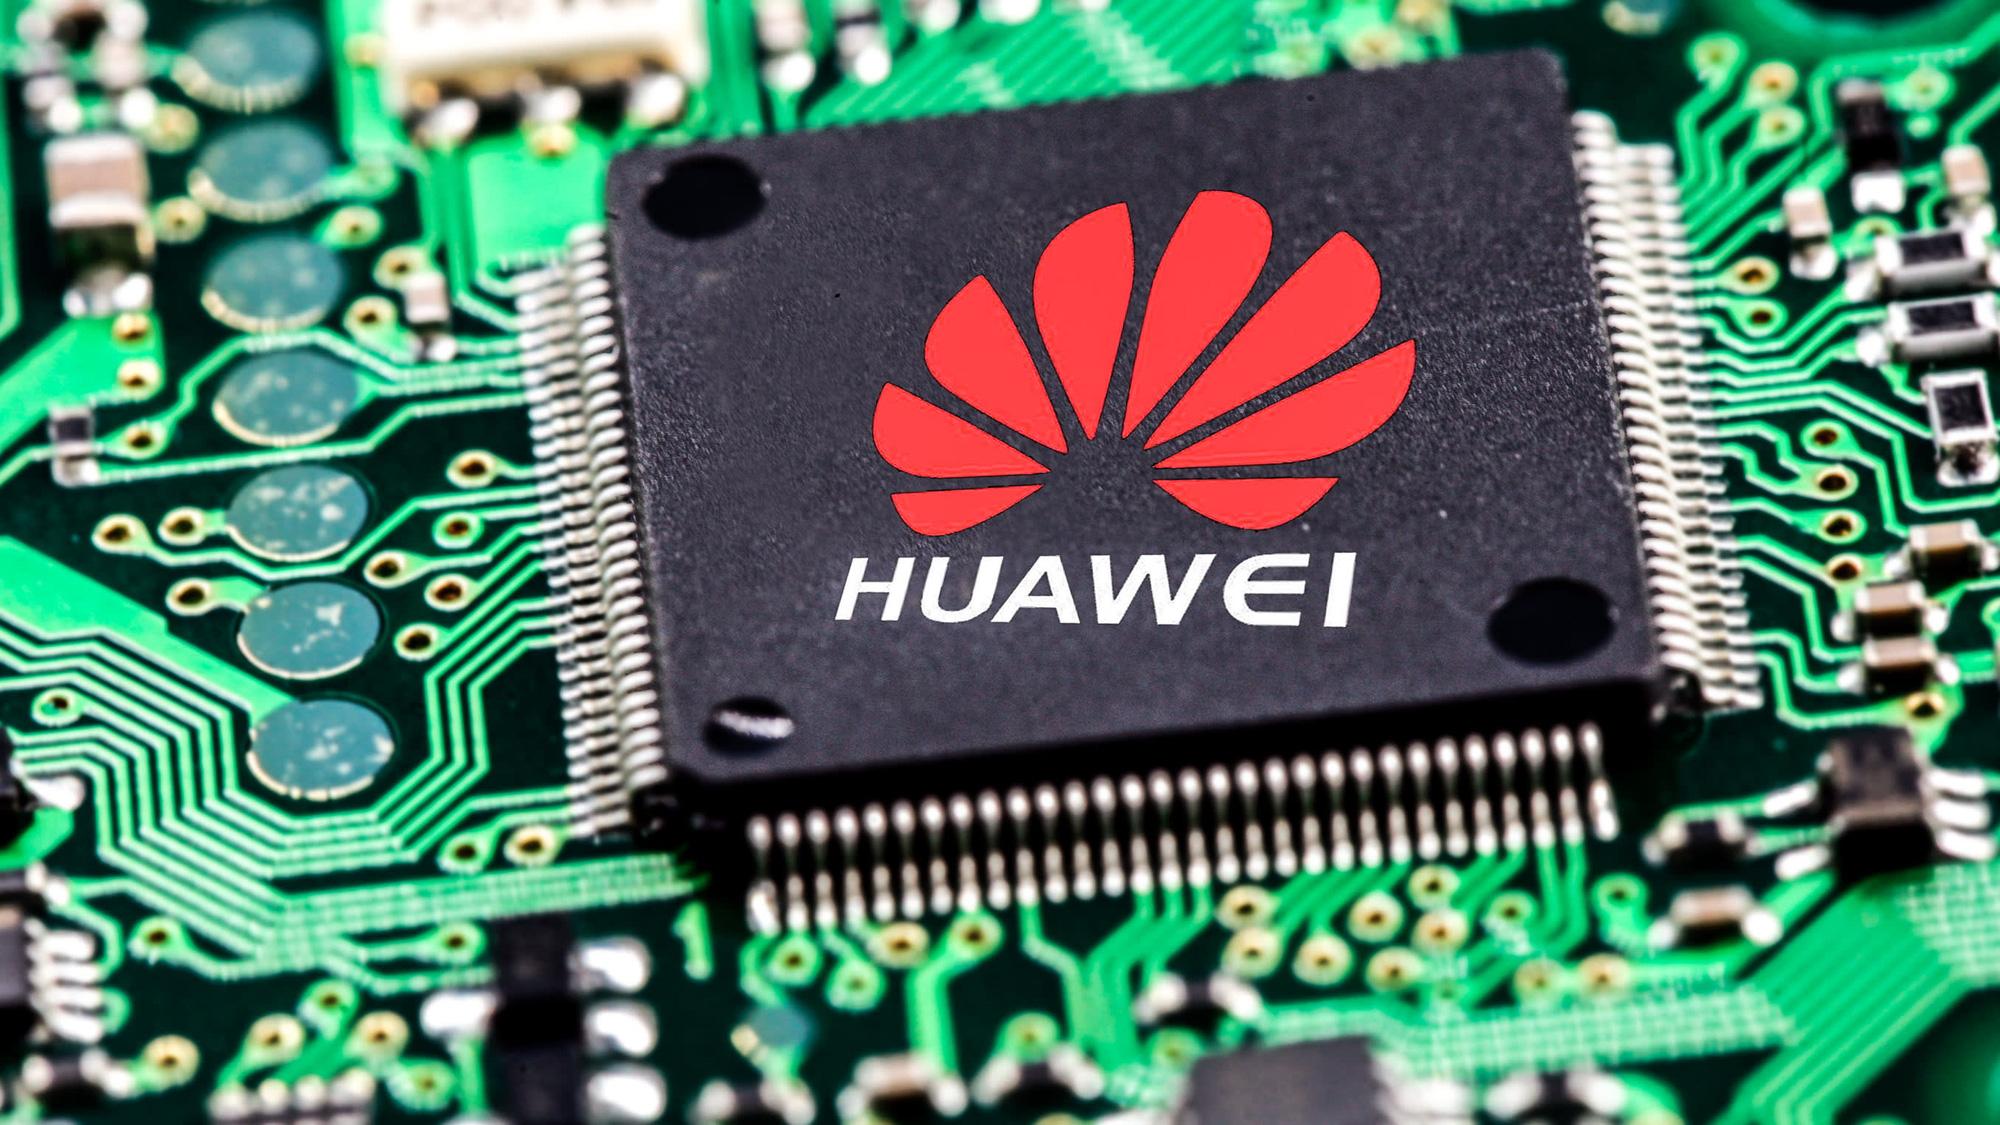 Samsung sẽ không thể sản xuất chip cho Huawei - Ảnh 1.